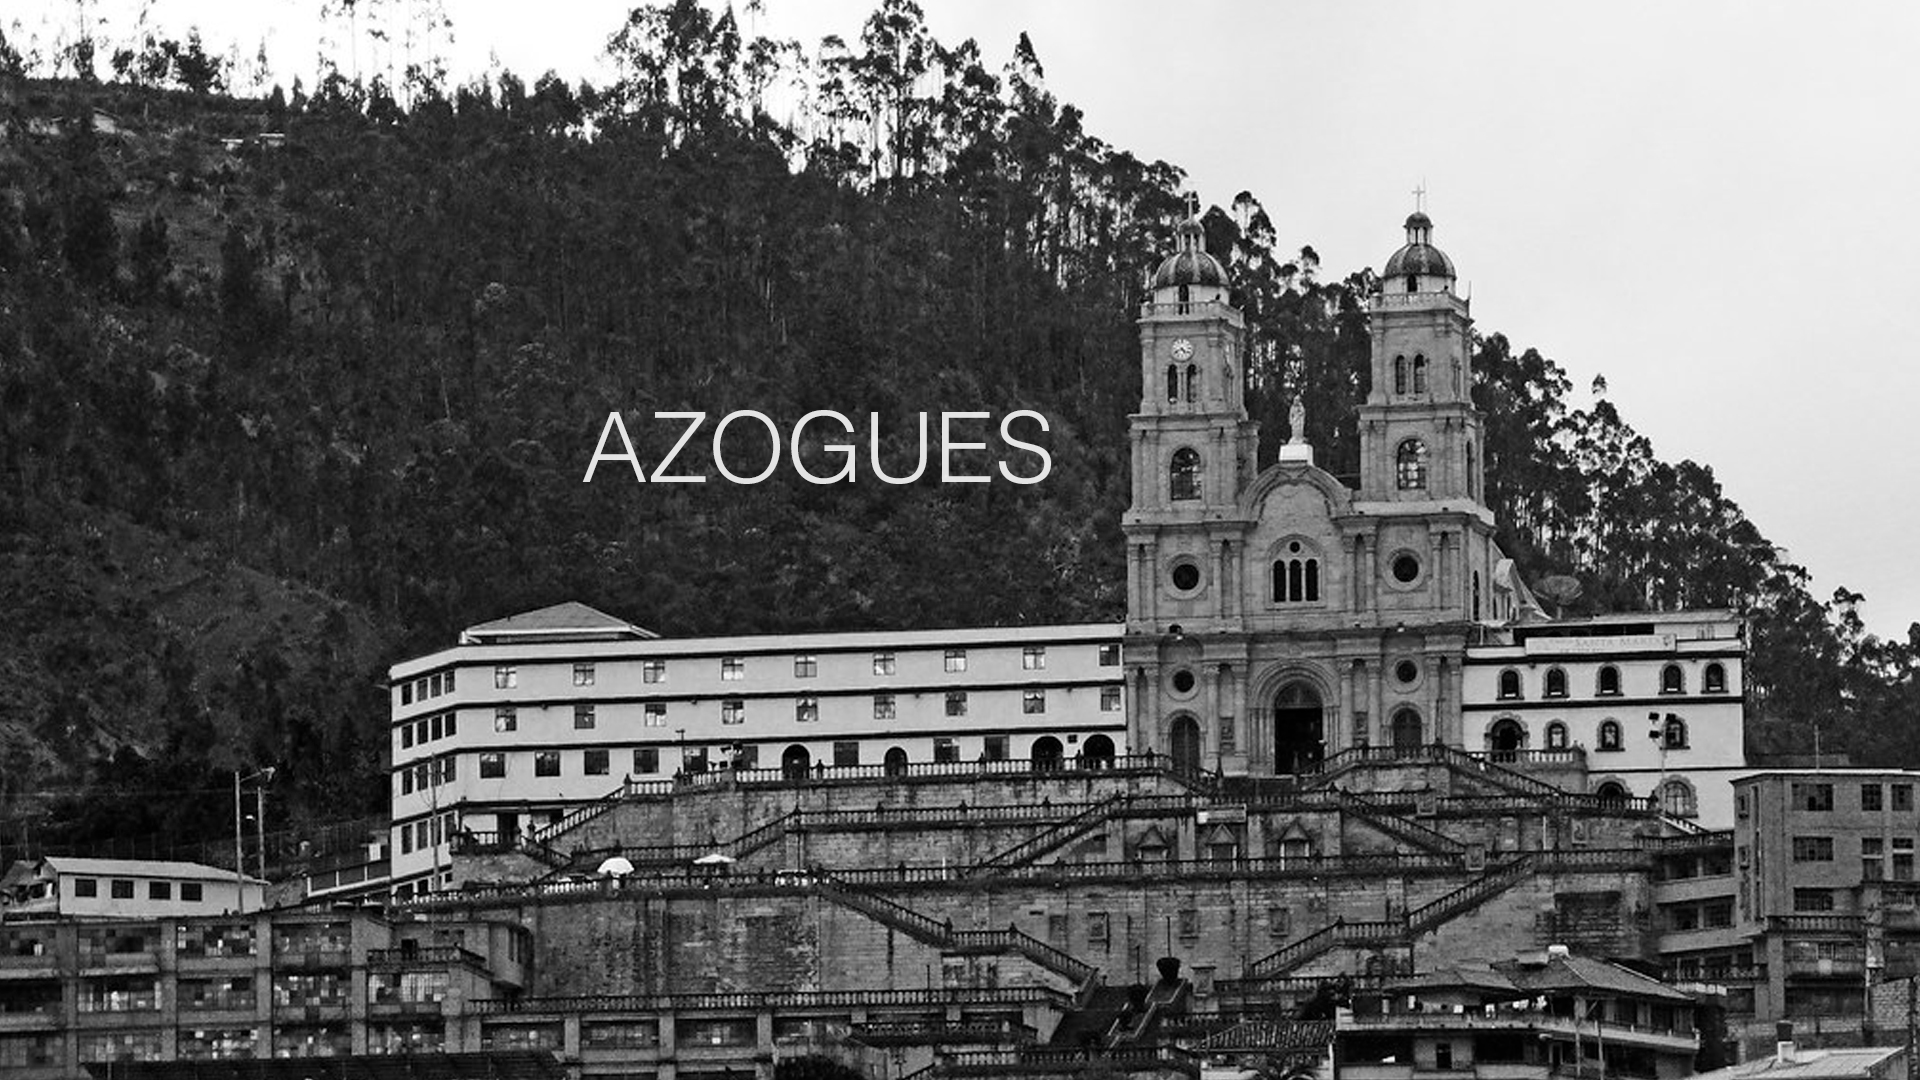 AZOGUES